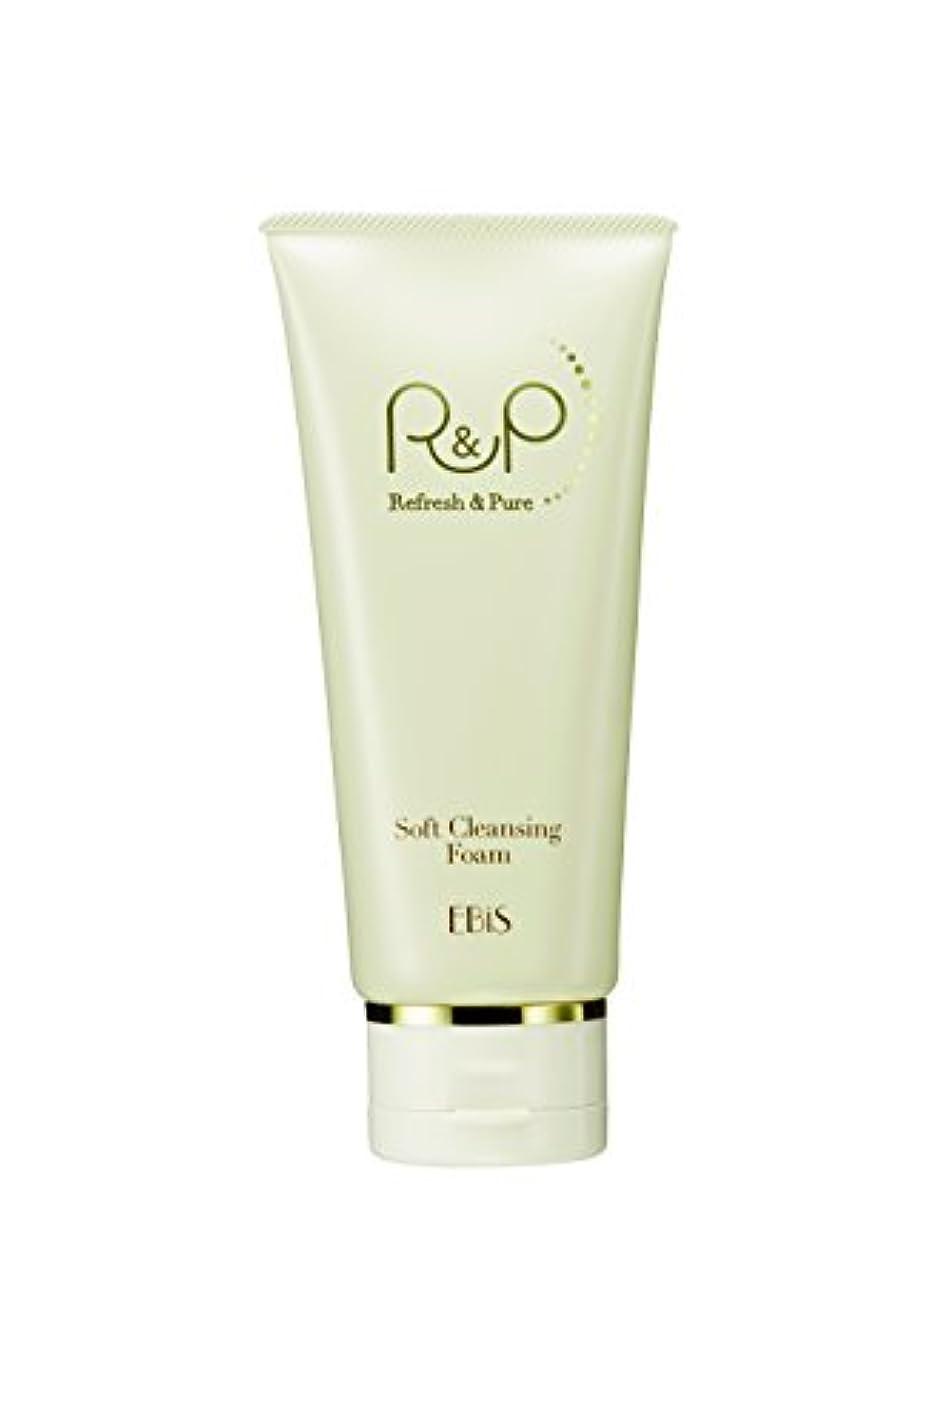 エビス化粧品(EBiS) R&Pソフトクレンジングフォーム100g 泥洗顔 洗顔フォーム 高級クレイ使用 ノンアルコール